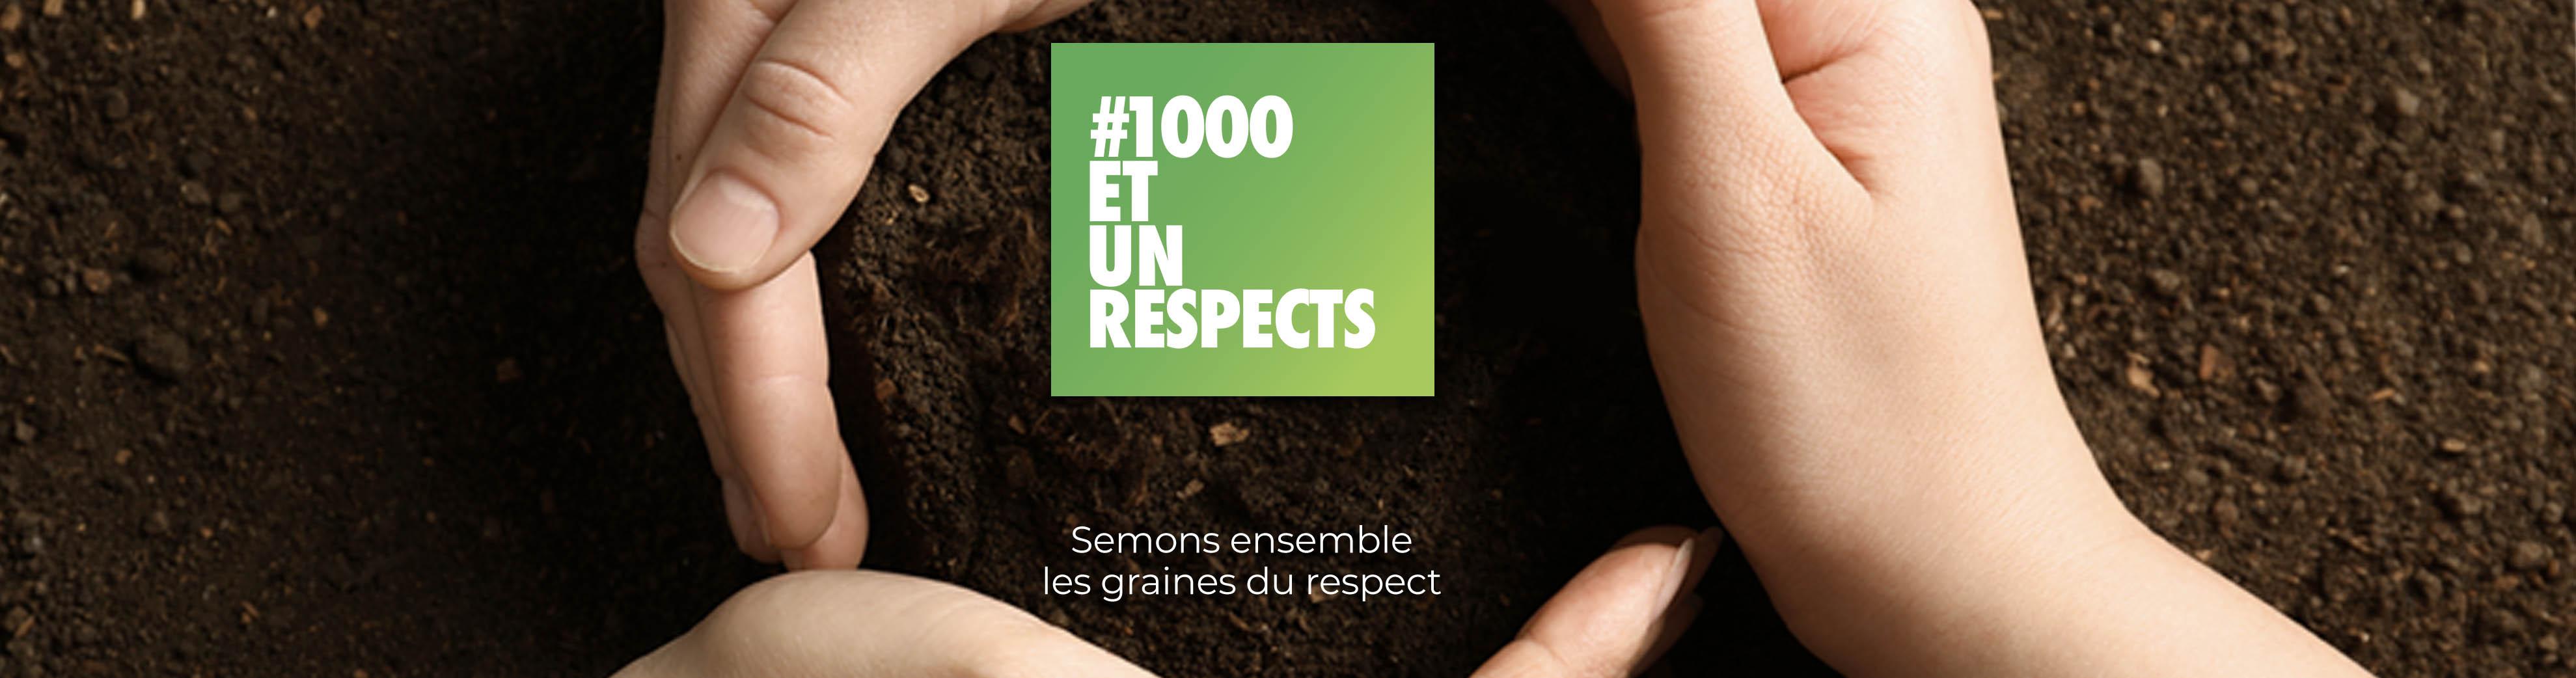 1000 et un respects